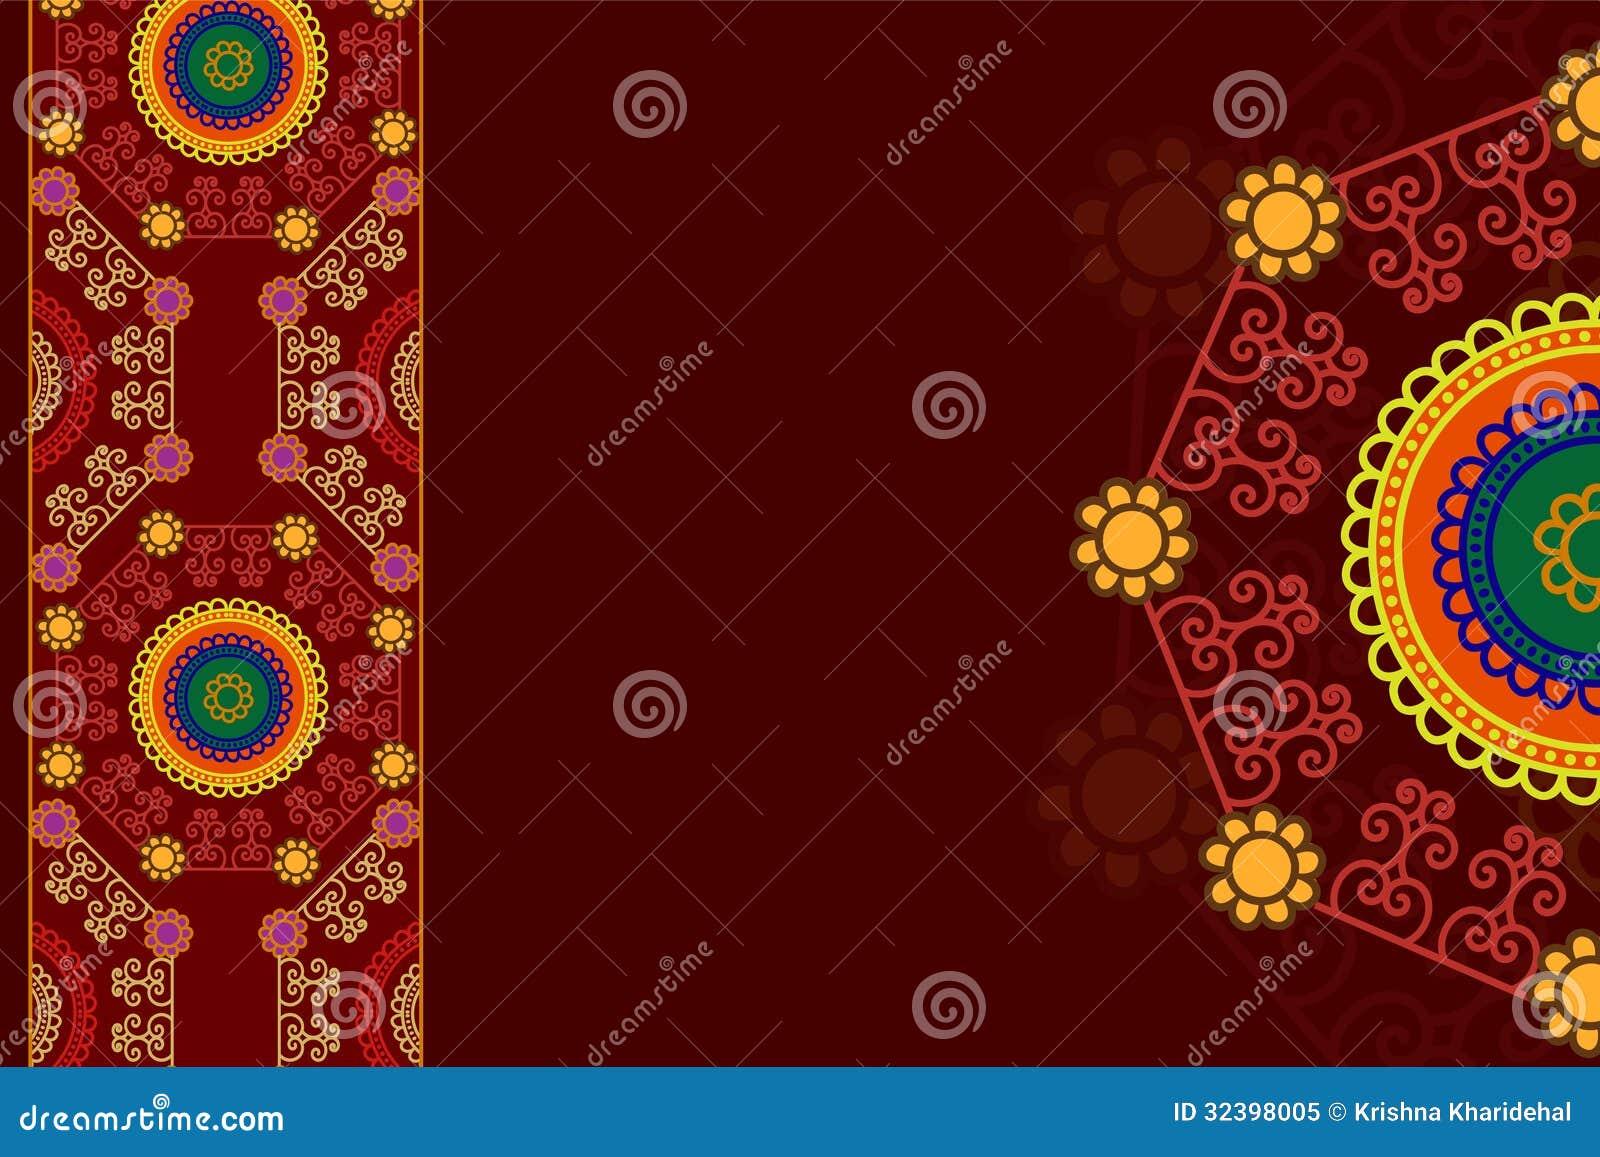 Colour Henna Mandala Background Royalty Free Stock Photo  Image 32398005